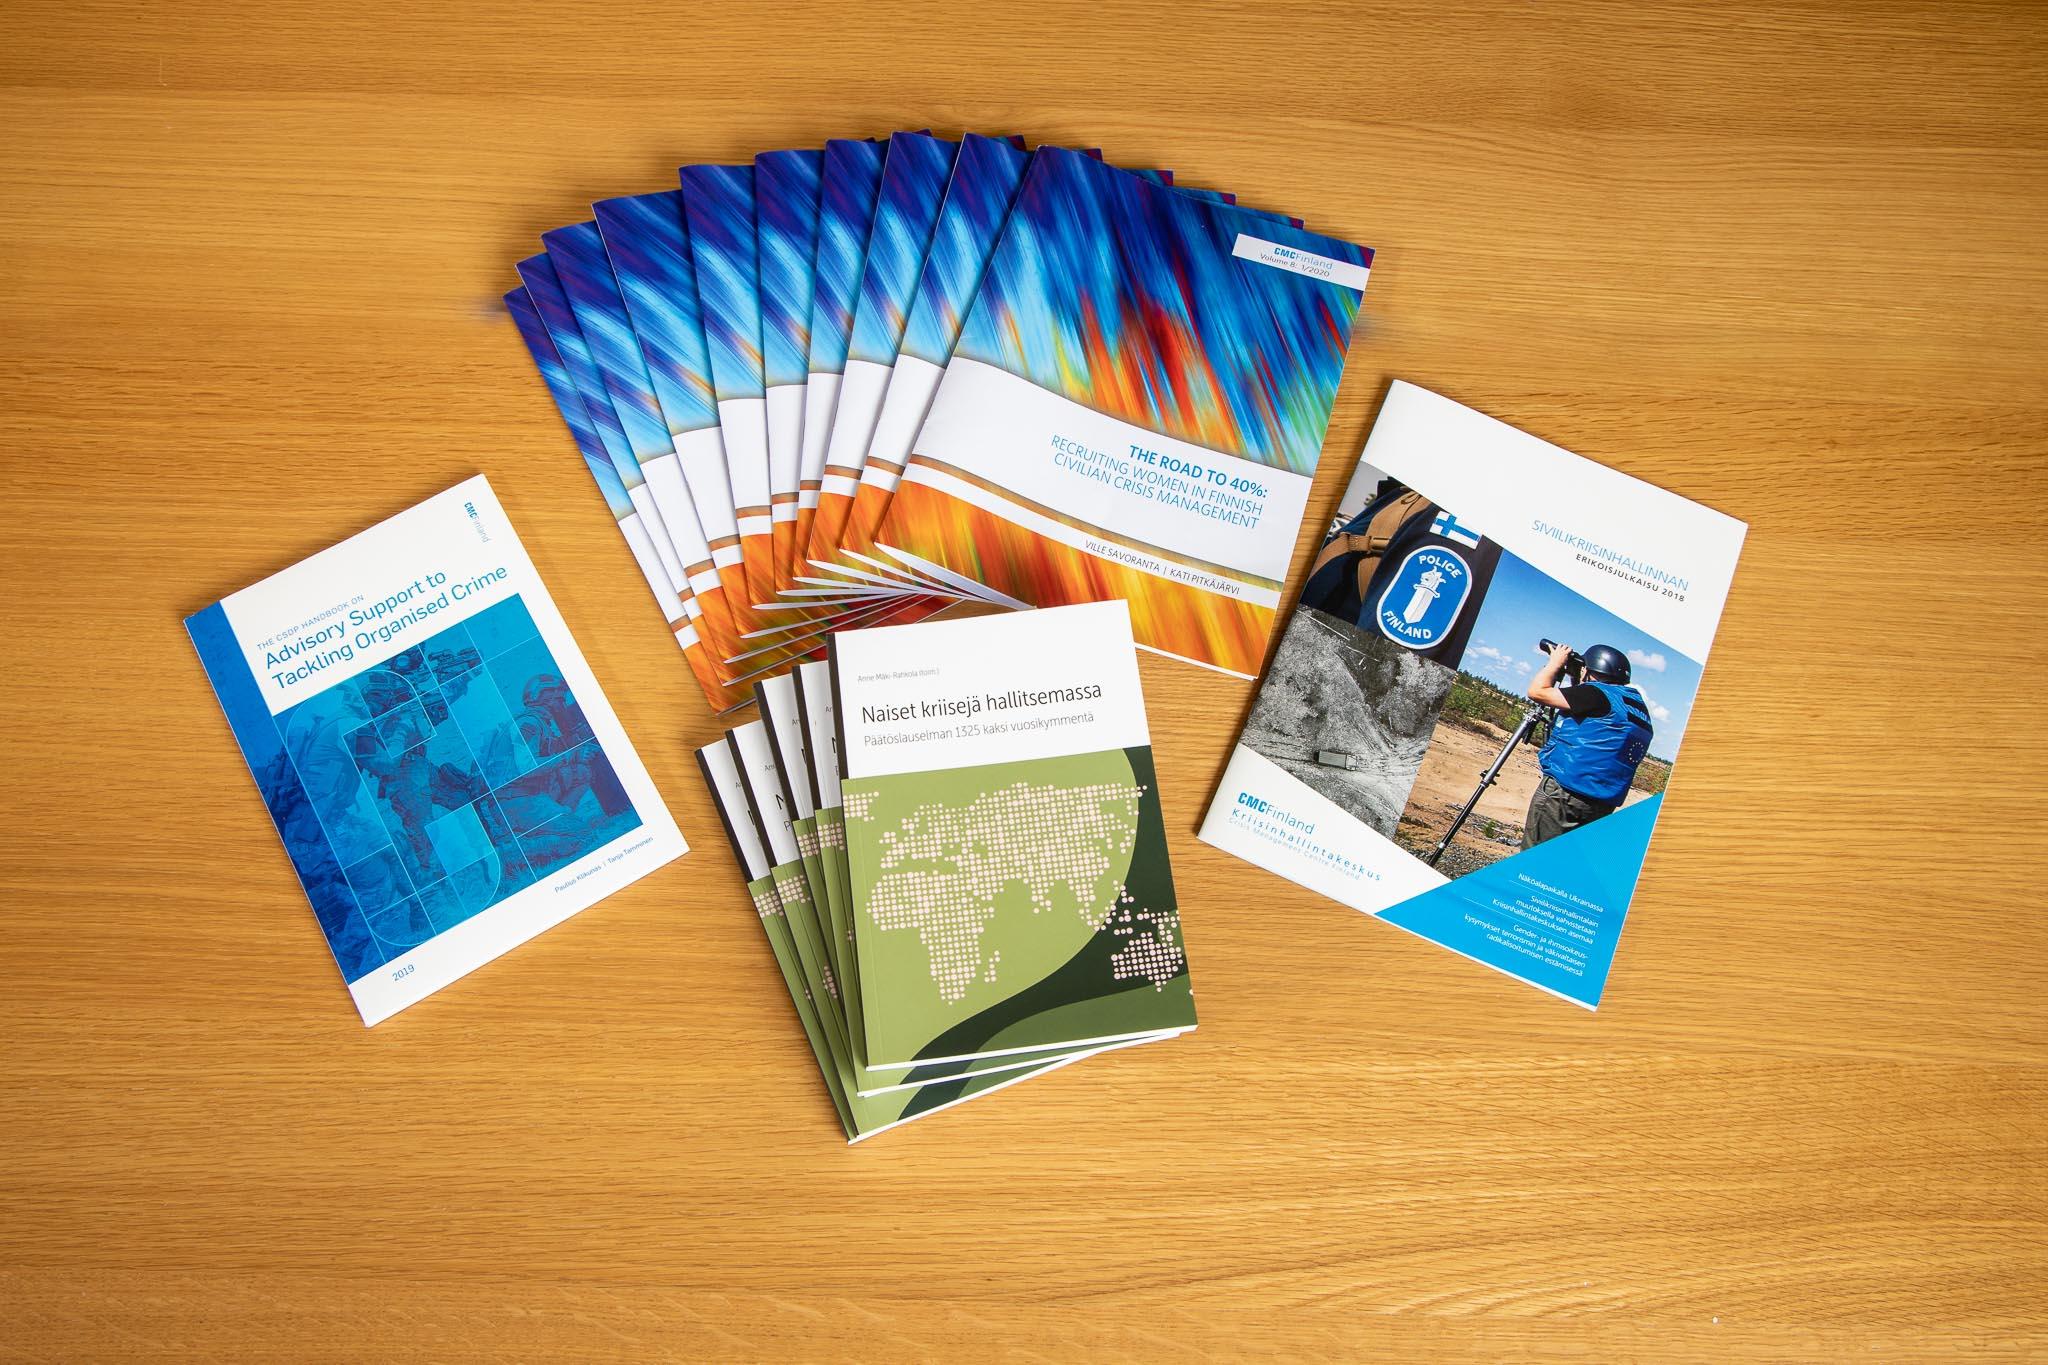 Neljä erilaista julkaisua aseteltuna viuhkamaisesti pöydälle.